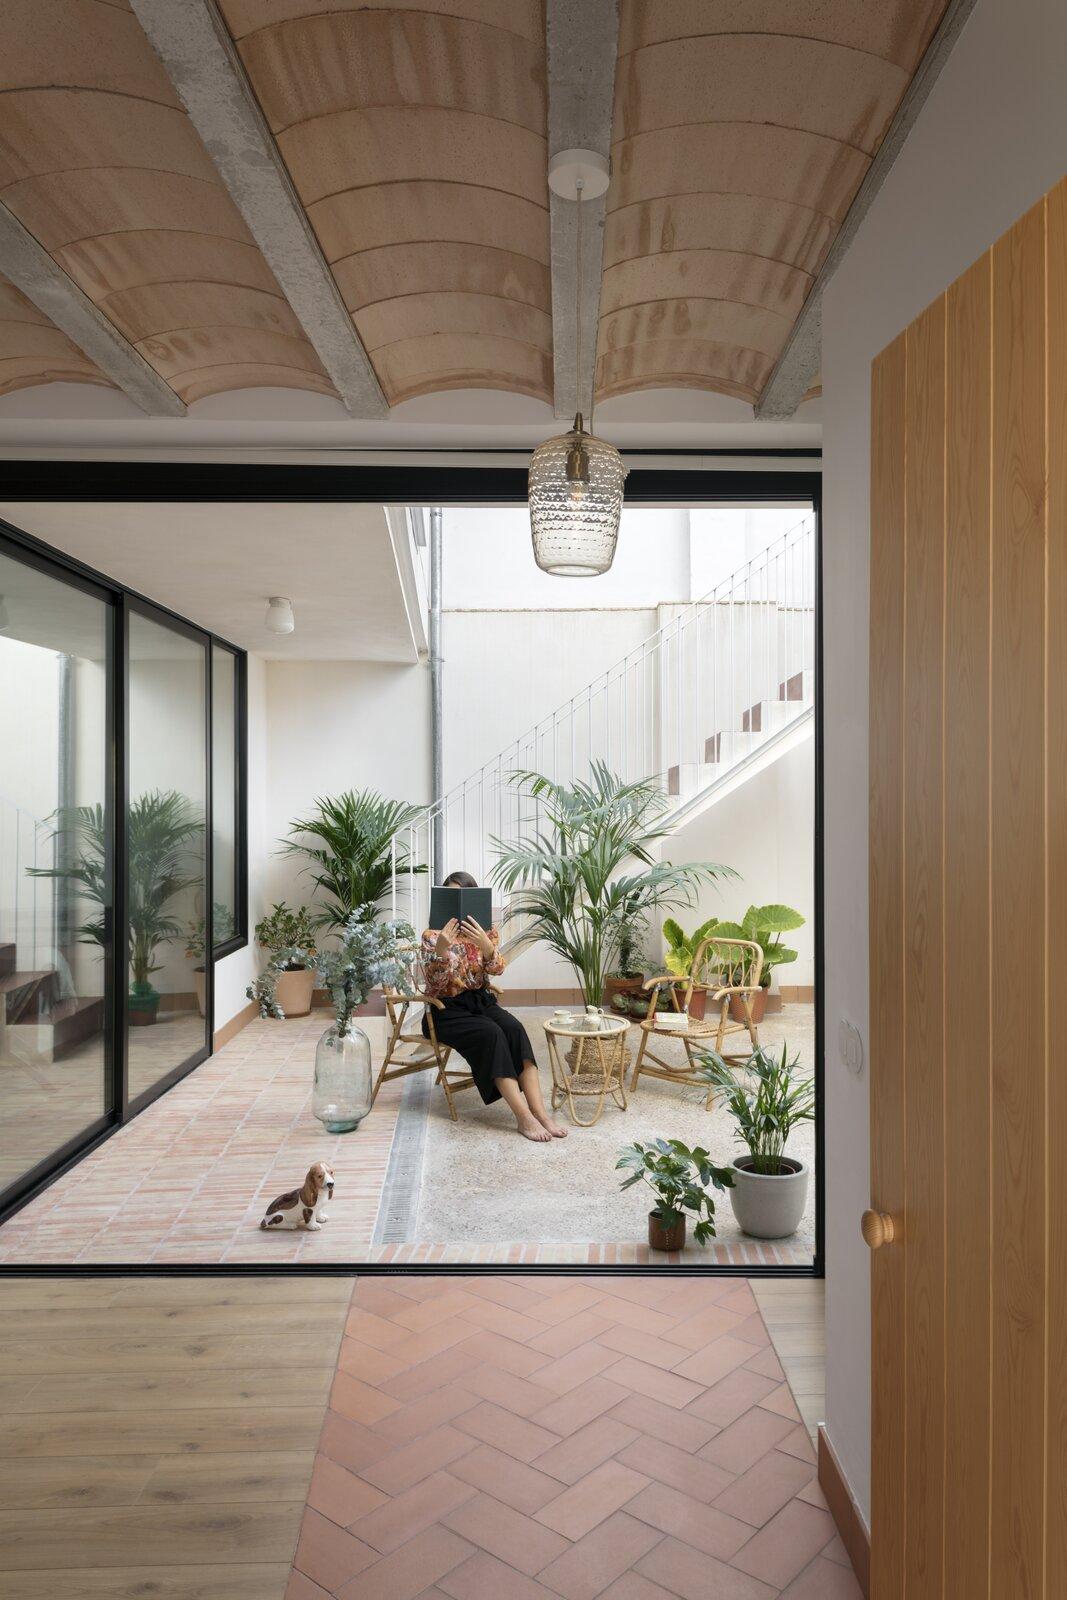 La Casa del Canto courtyard